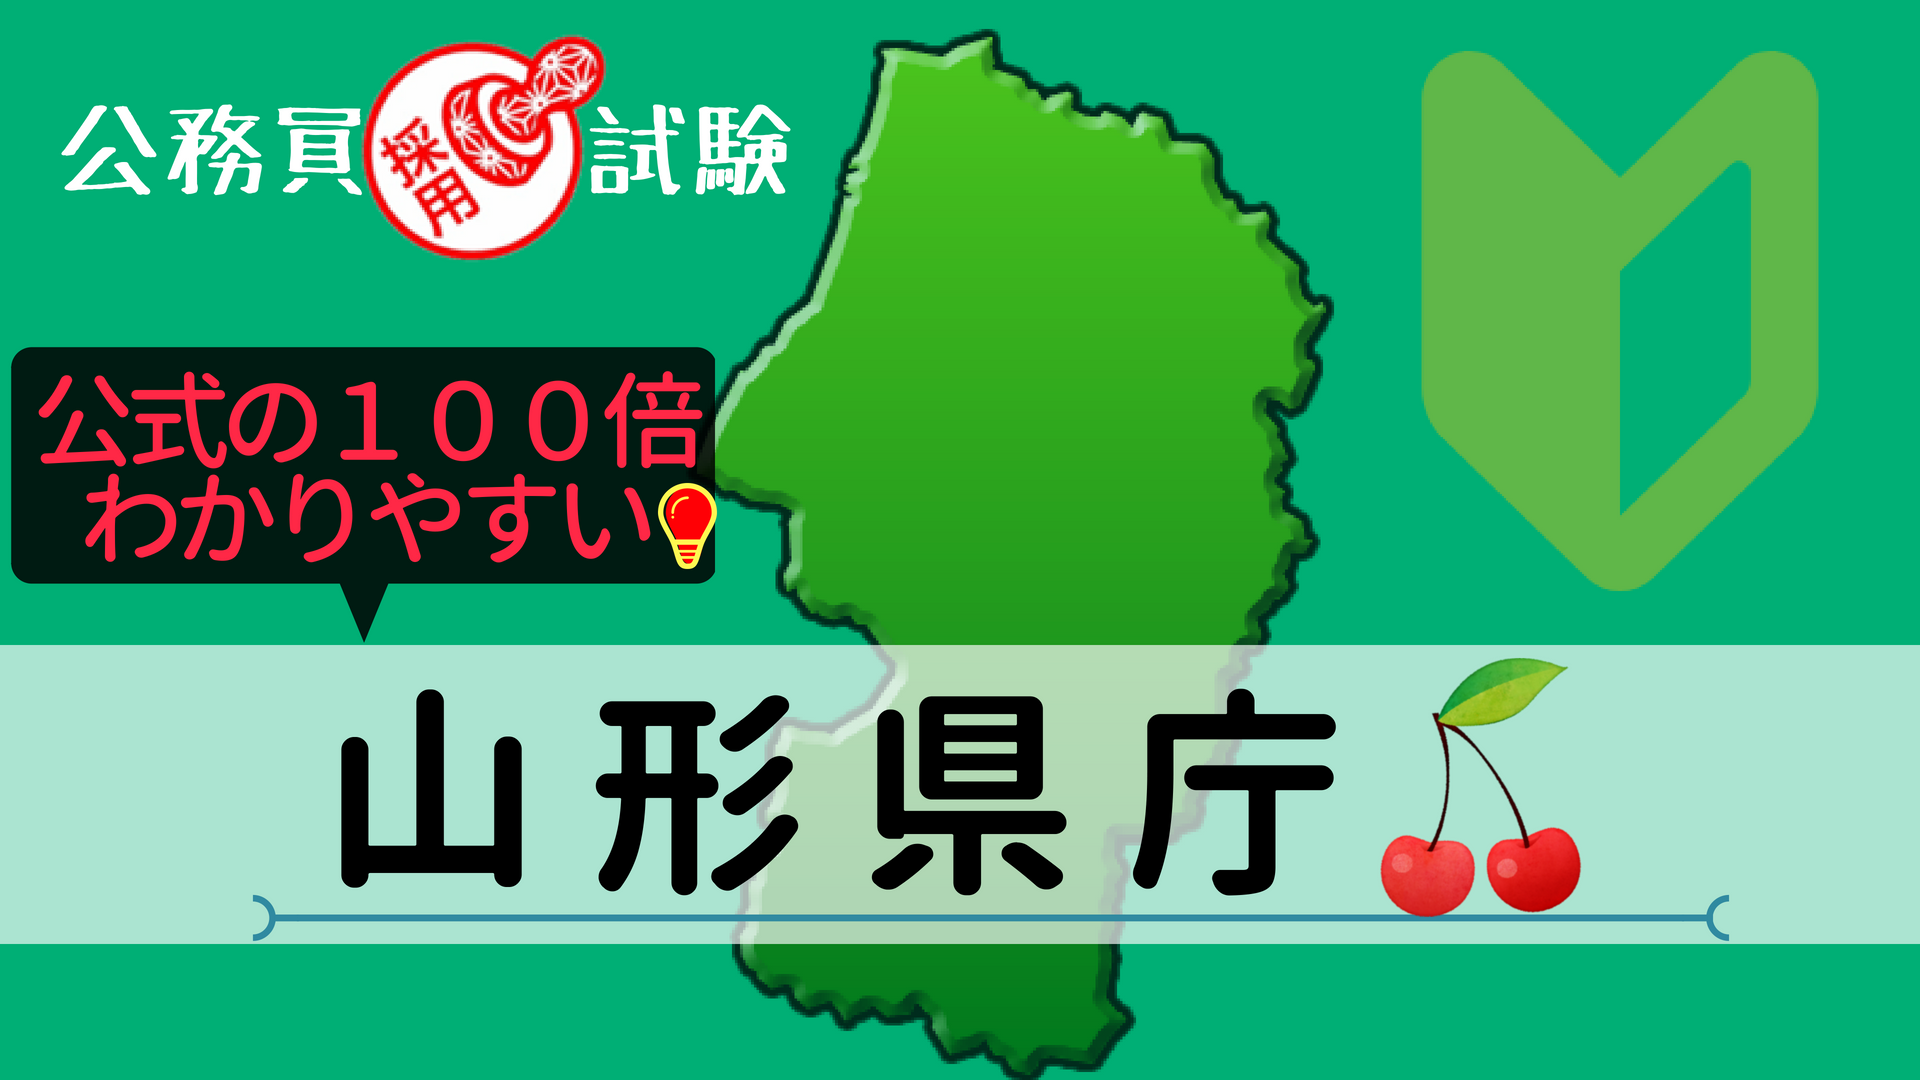 山形県庁の採用試験について